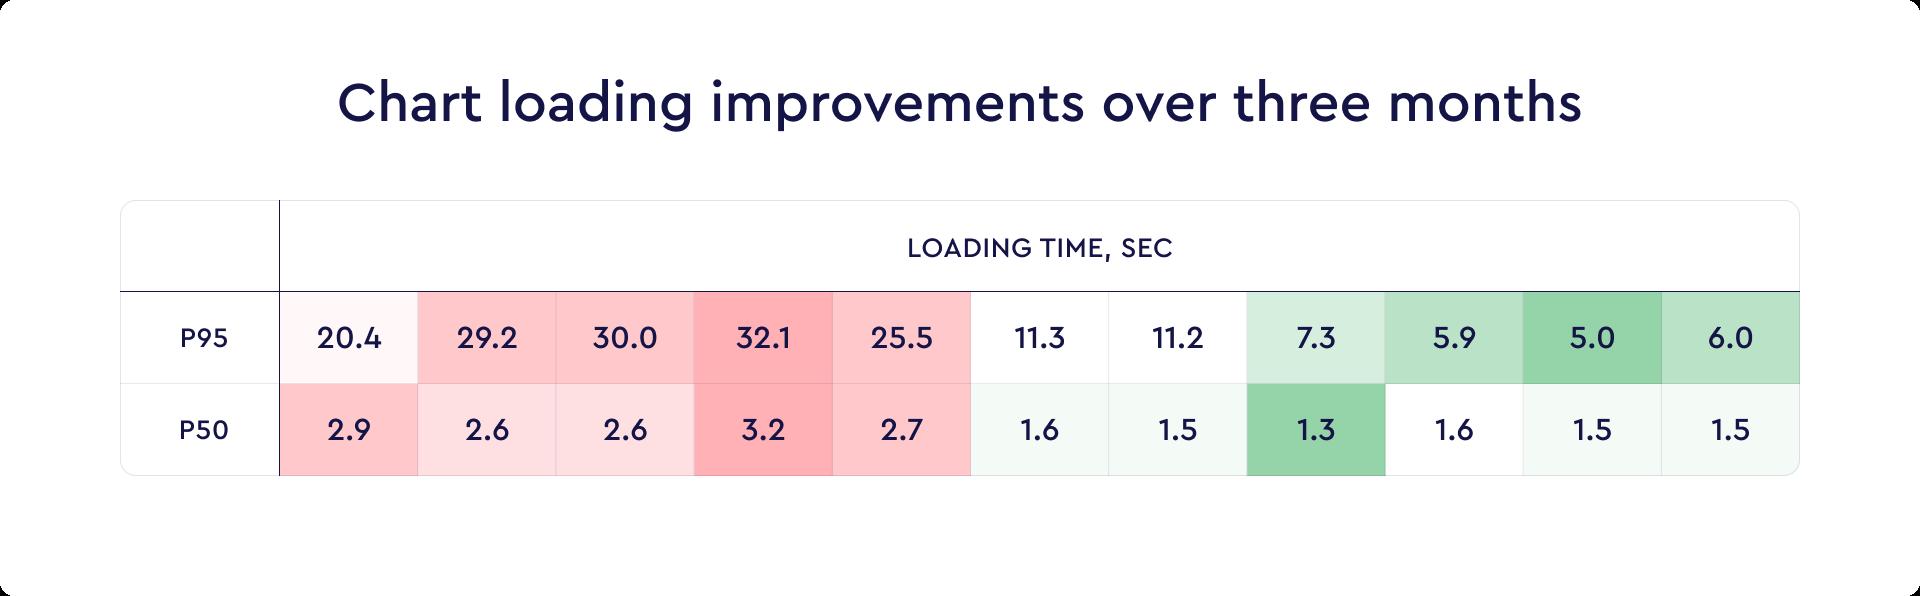 Figure 1: Chart loading improvements